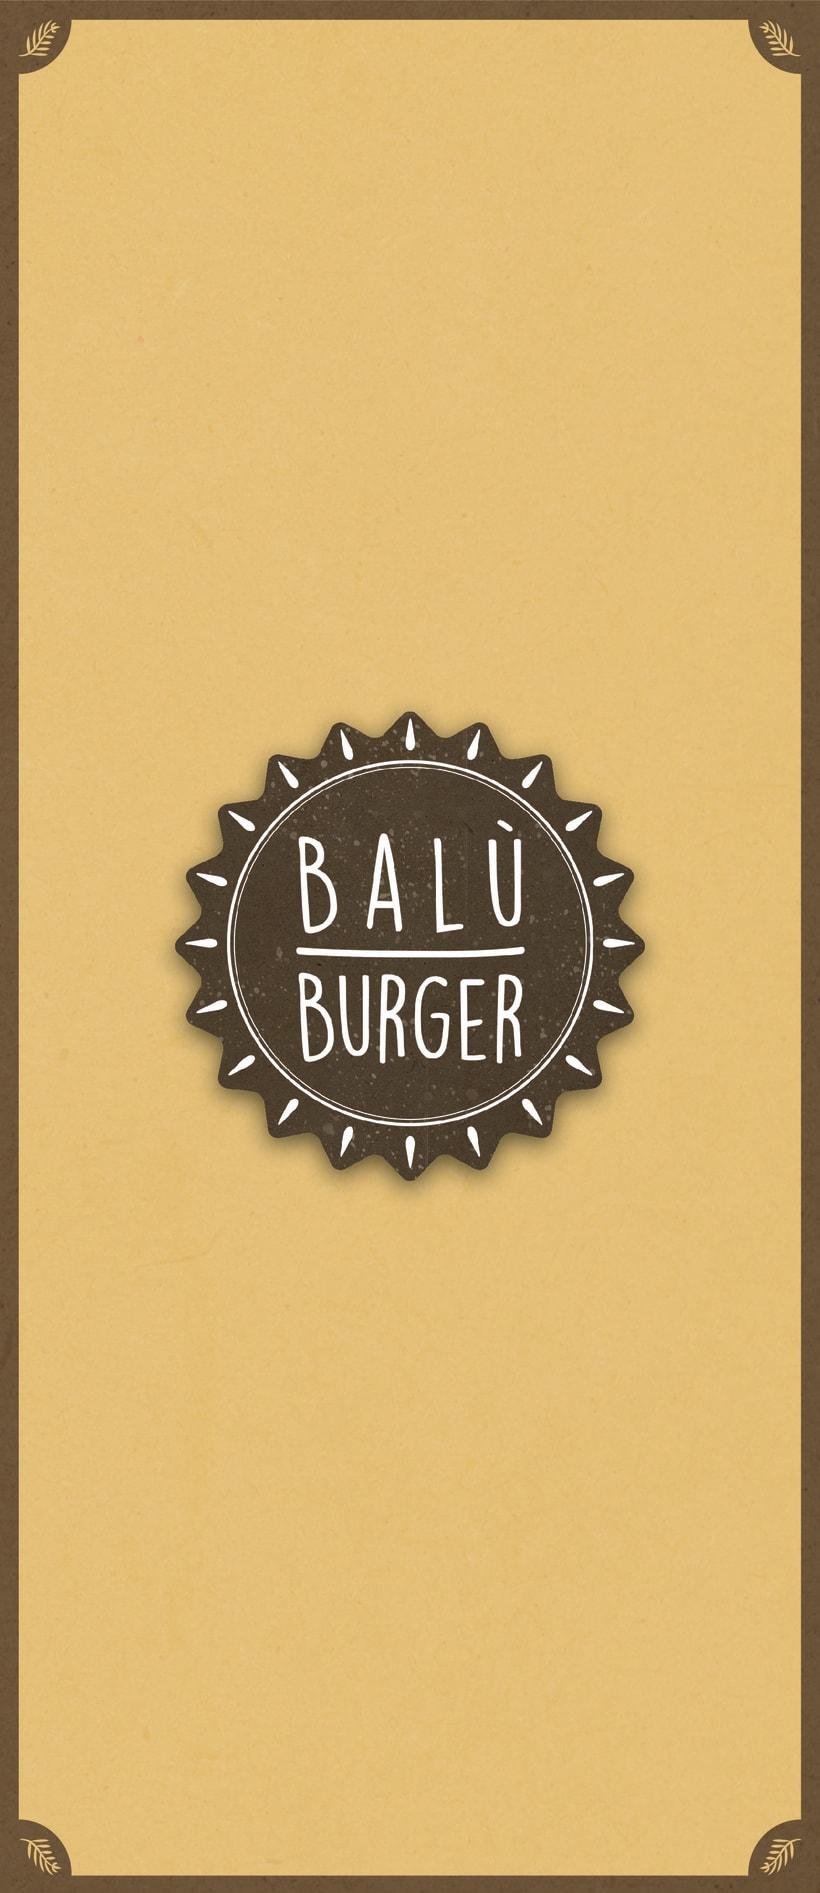 Balù Bureger logo and menu. 0